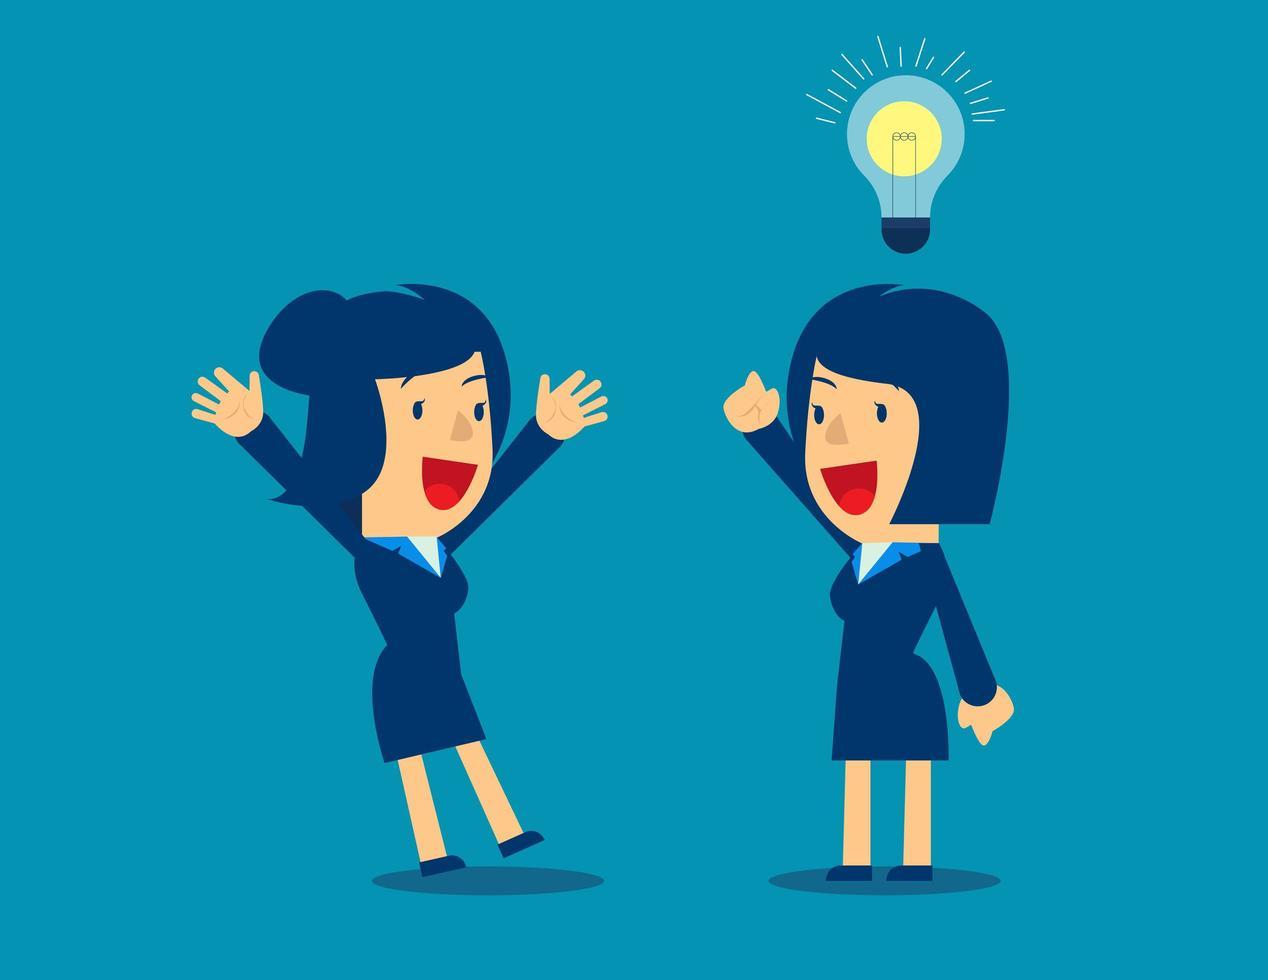 personajes de dibujos animados de mujeres de negocios con idea vector